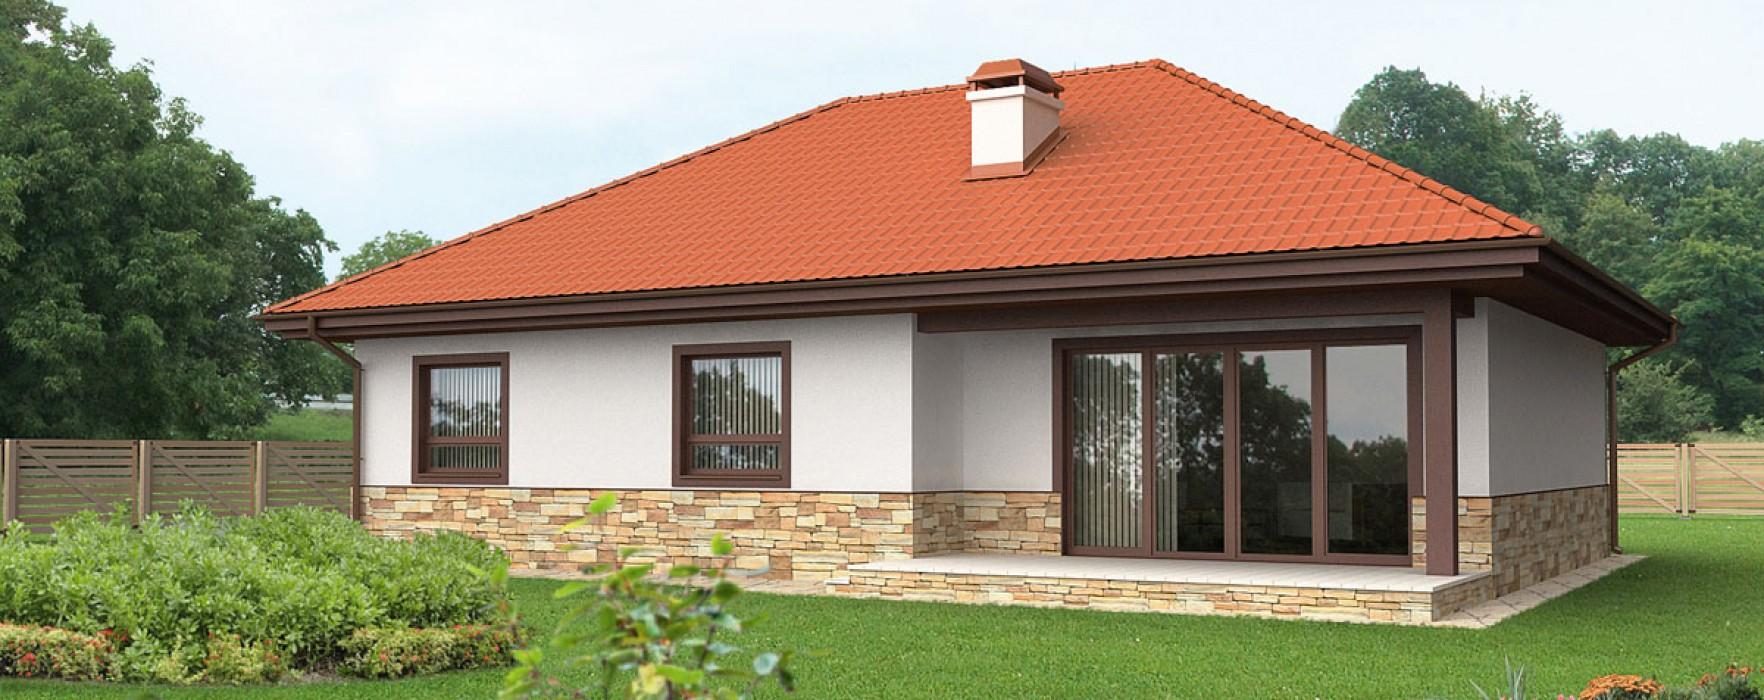 Una casa prefabbricata senza riscaldamento  caseprefabbricateinlegnoit